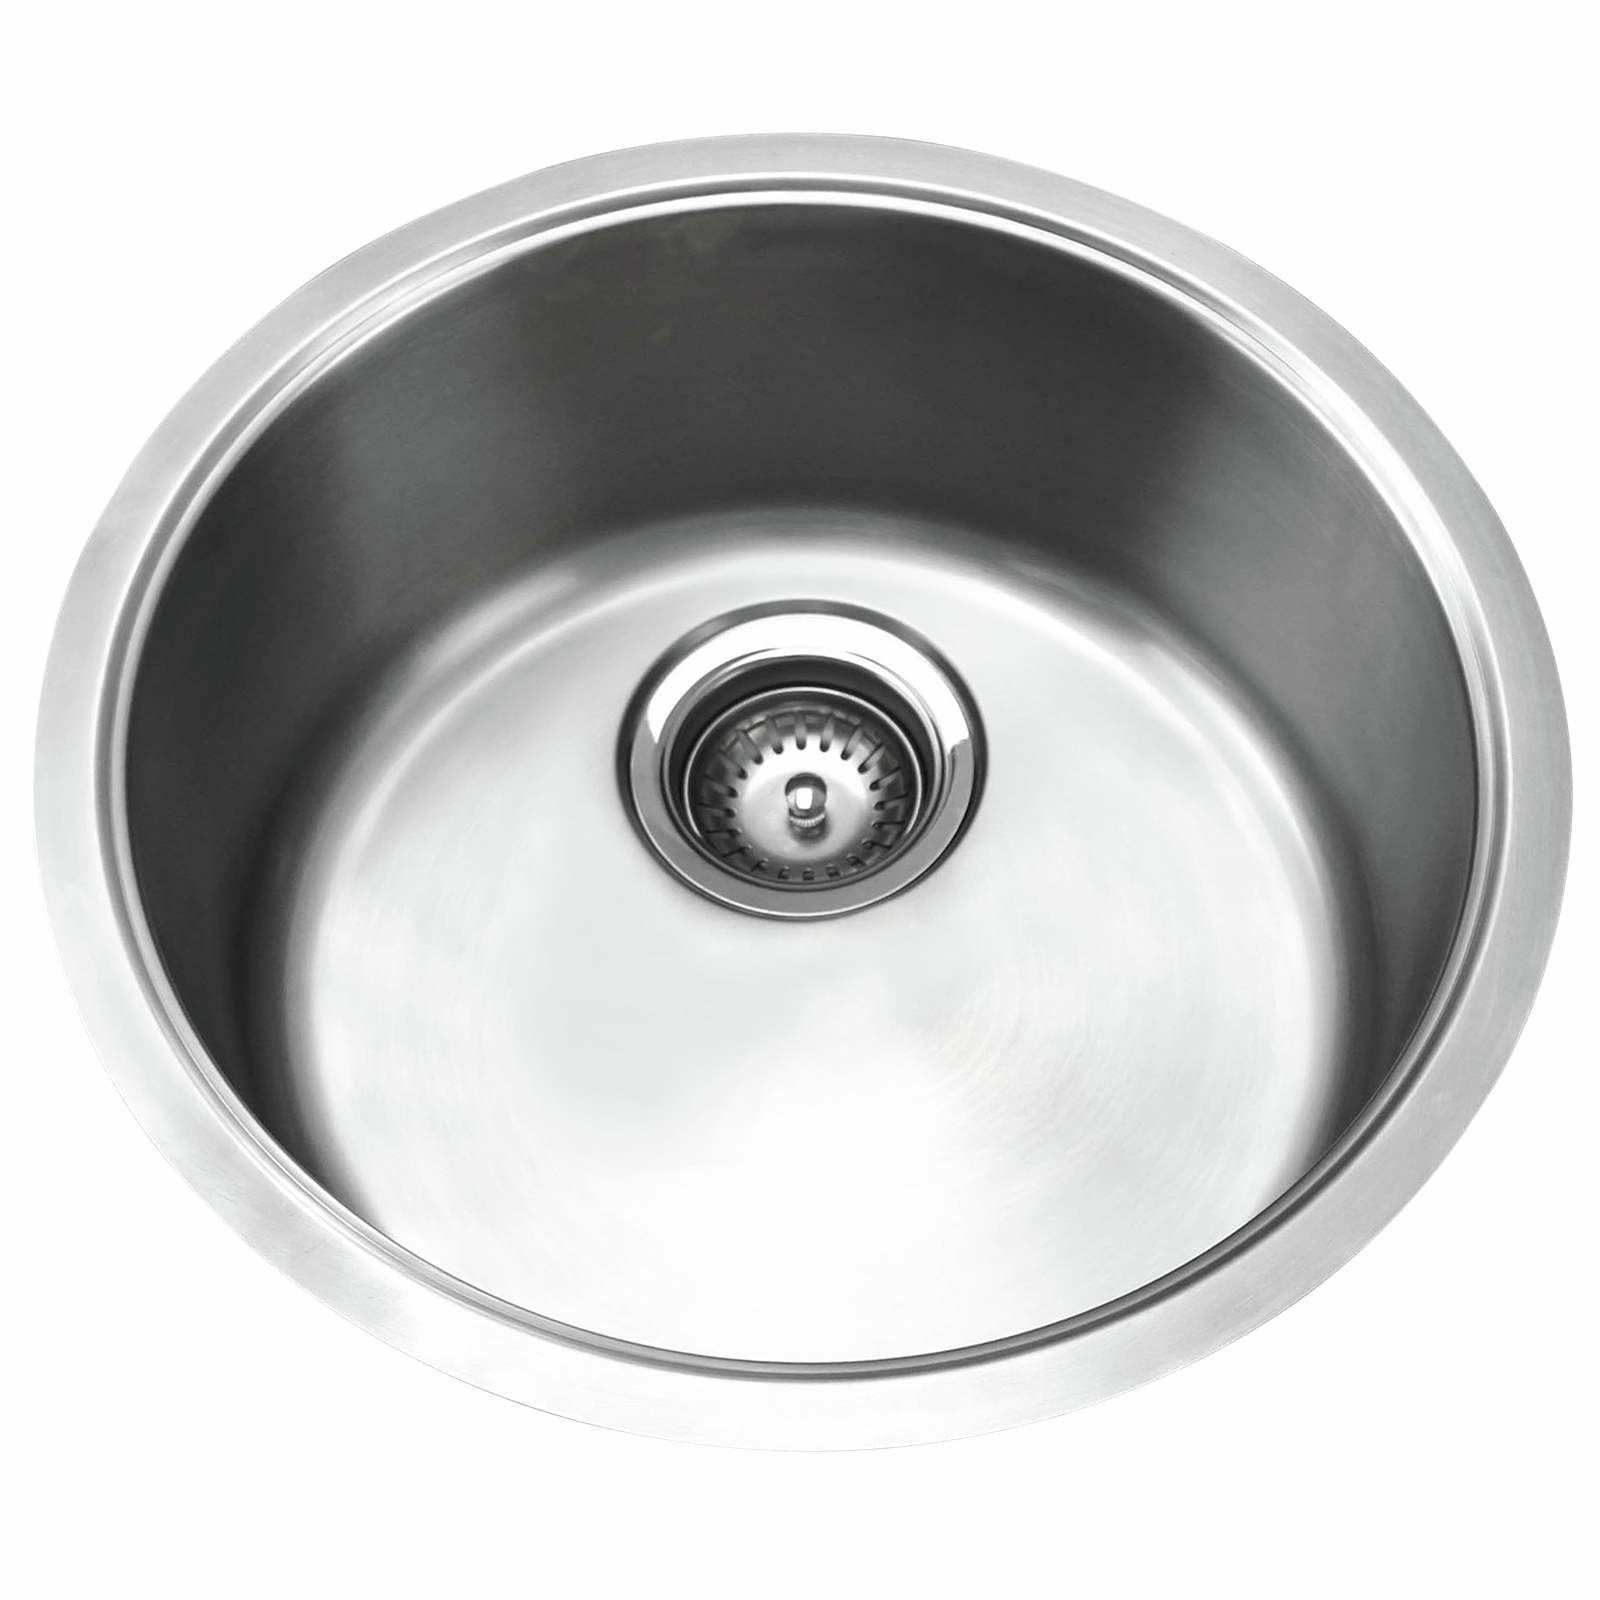 Mondella Resonance Single Bowl Round Stainless Steel Sink